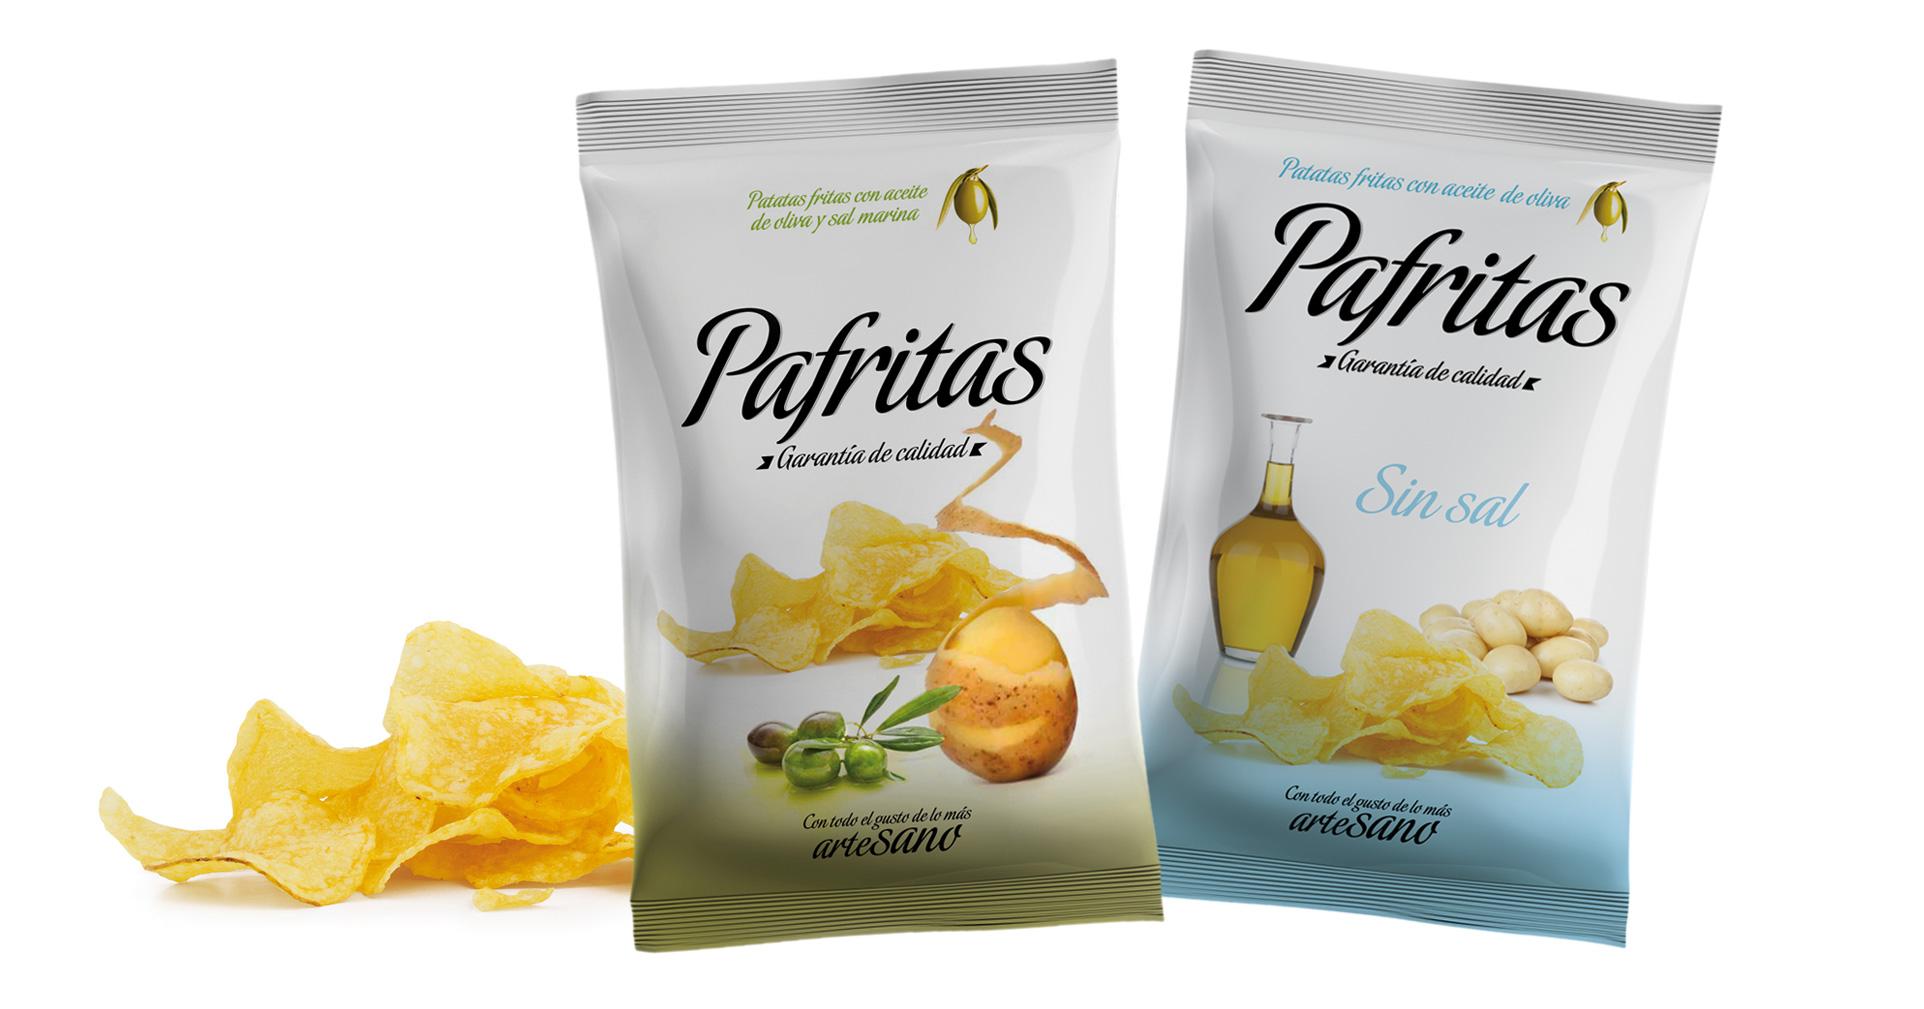 Pafritas_Patatas_Fritas_Artesanas_Navarrete_La_Rioja